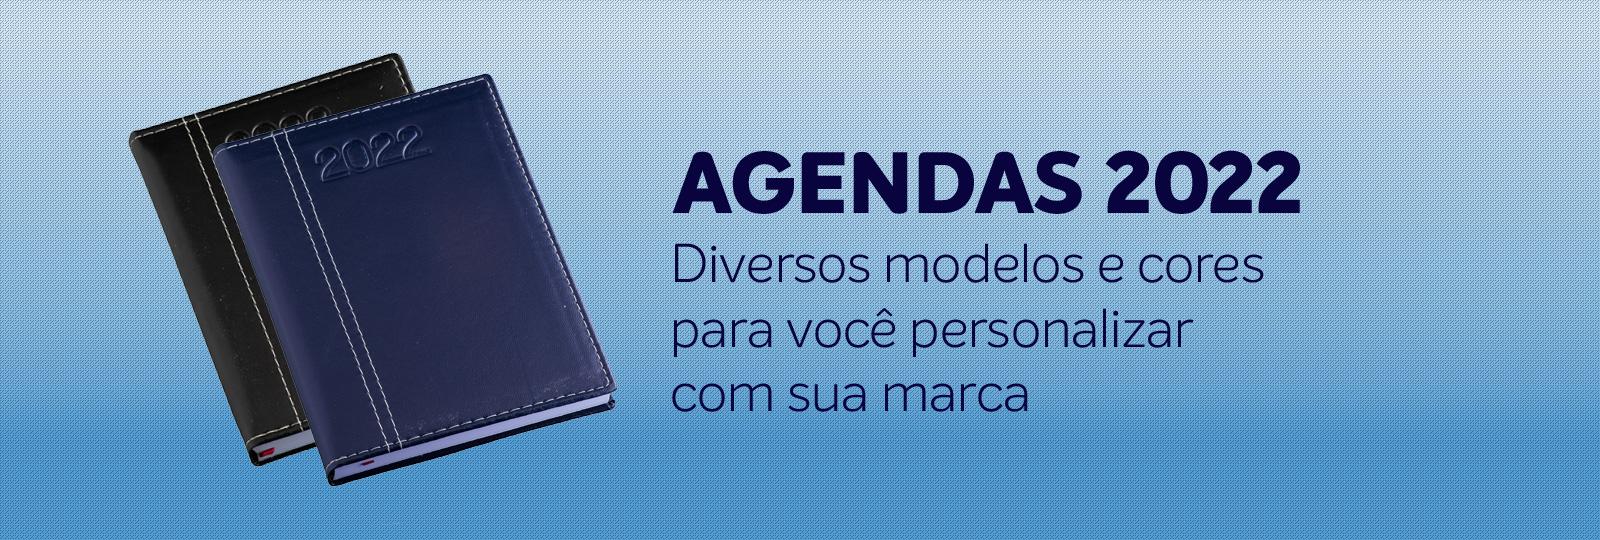 Agendas 2022